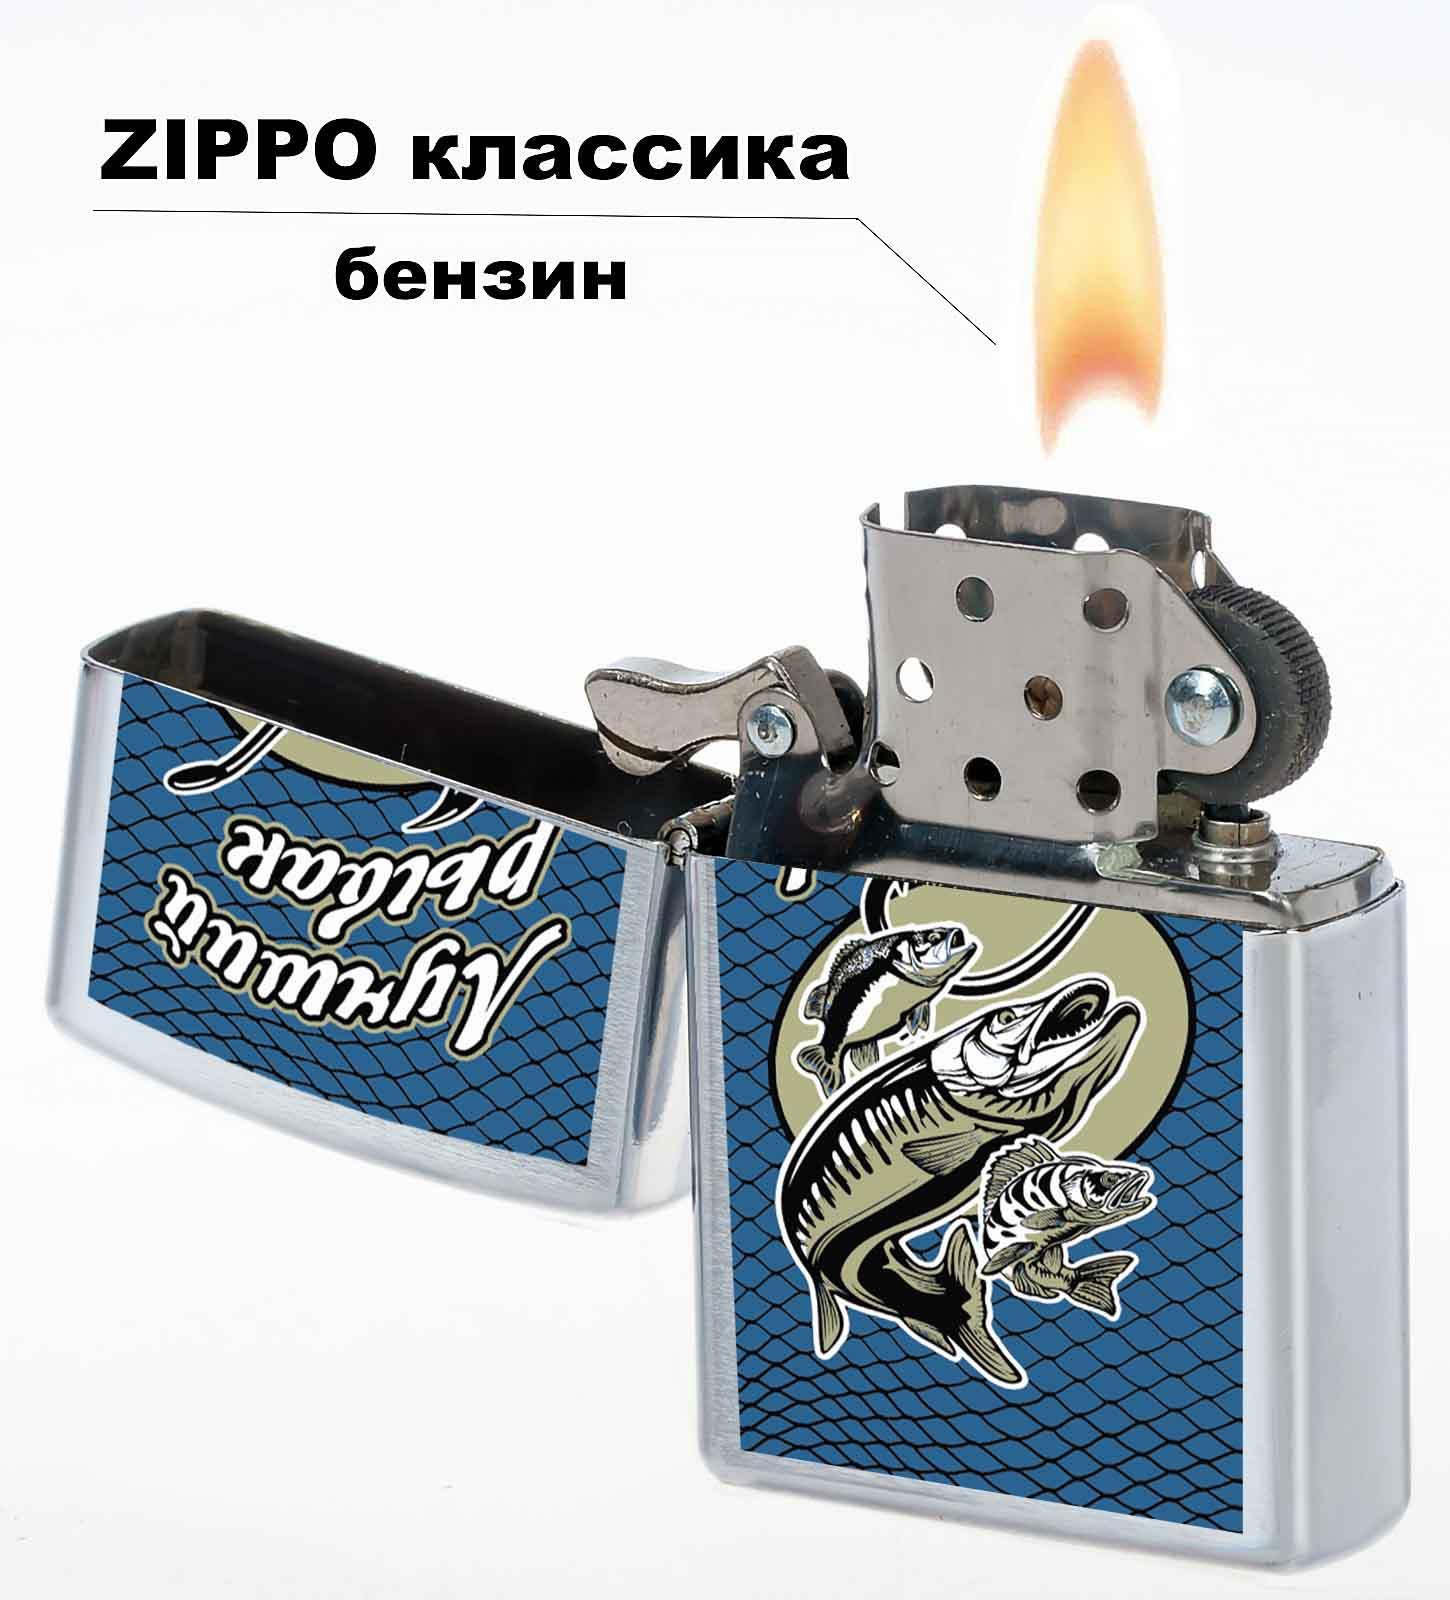 Бензиновая надежная зажигалка Лучшему рыбаку - купить в розницу